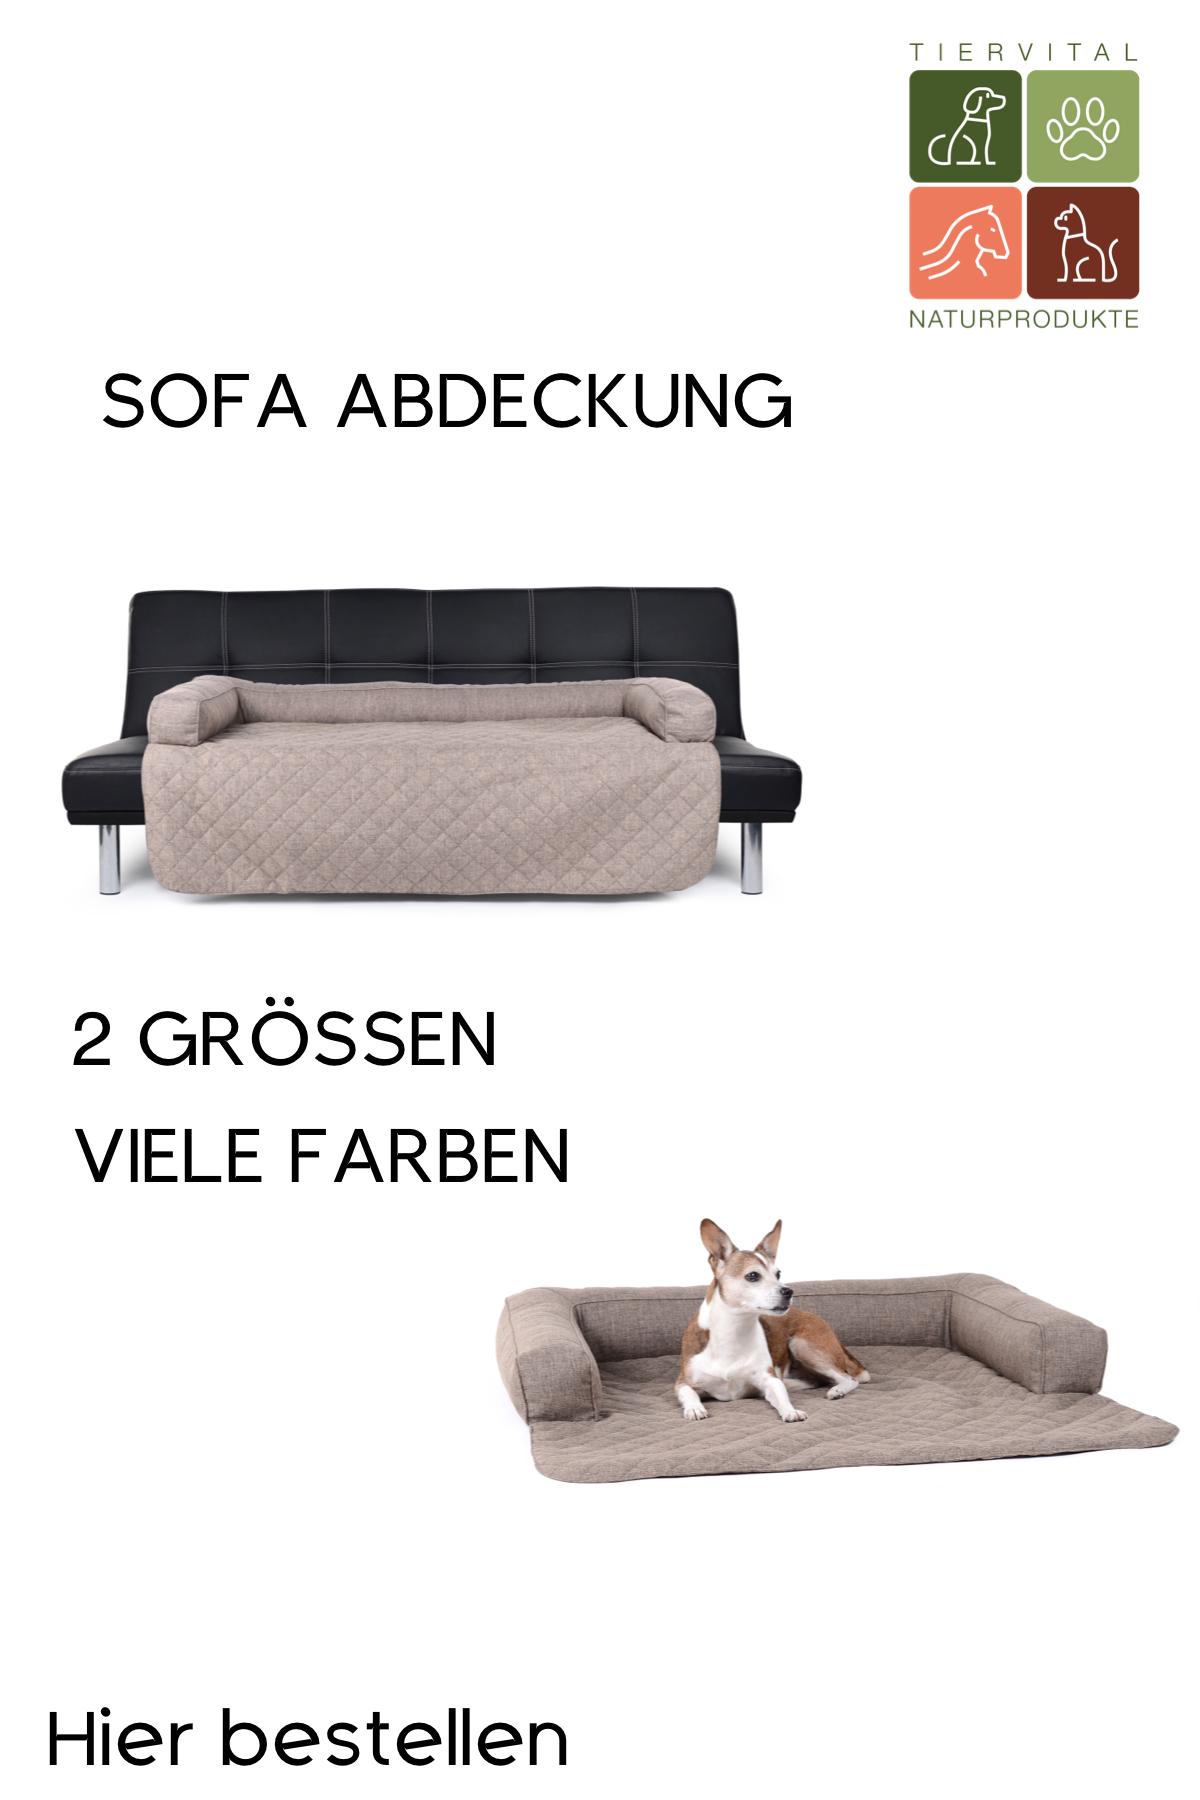 Hund Stuhl Abdeckung Sofaschutz Sofaabdeckung Abdeckung Diyforpets Stuhl In 2020 Hunde Kissen Hundekissen Sofaschutz